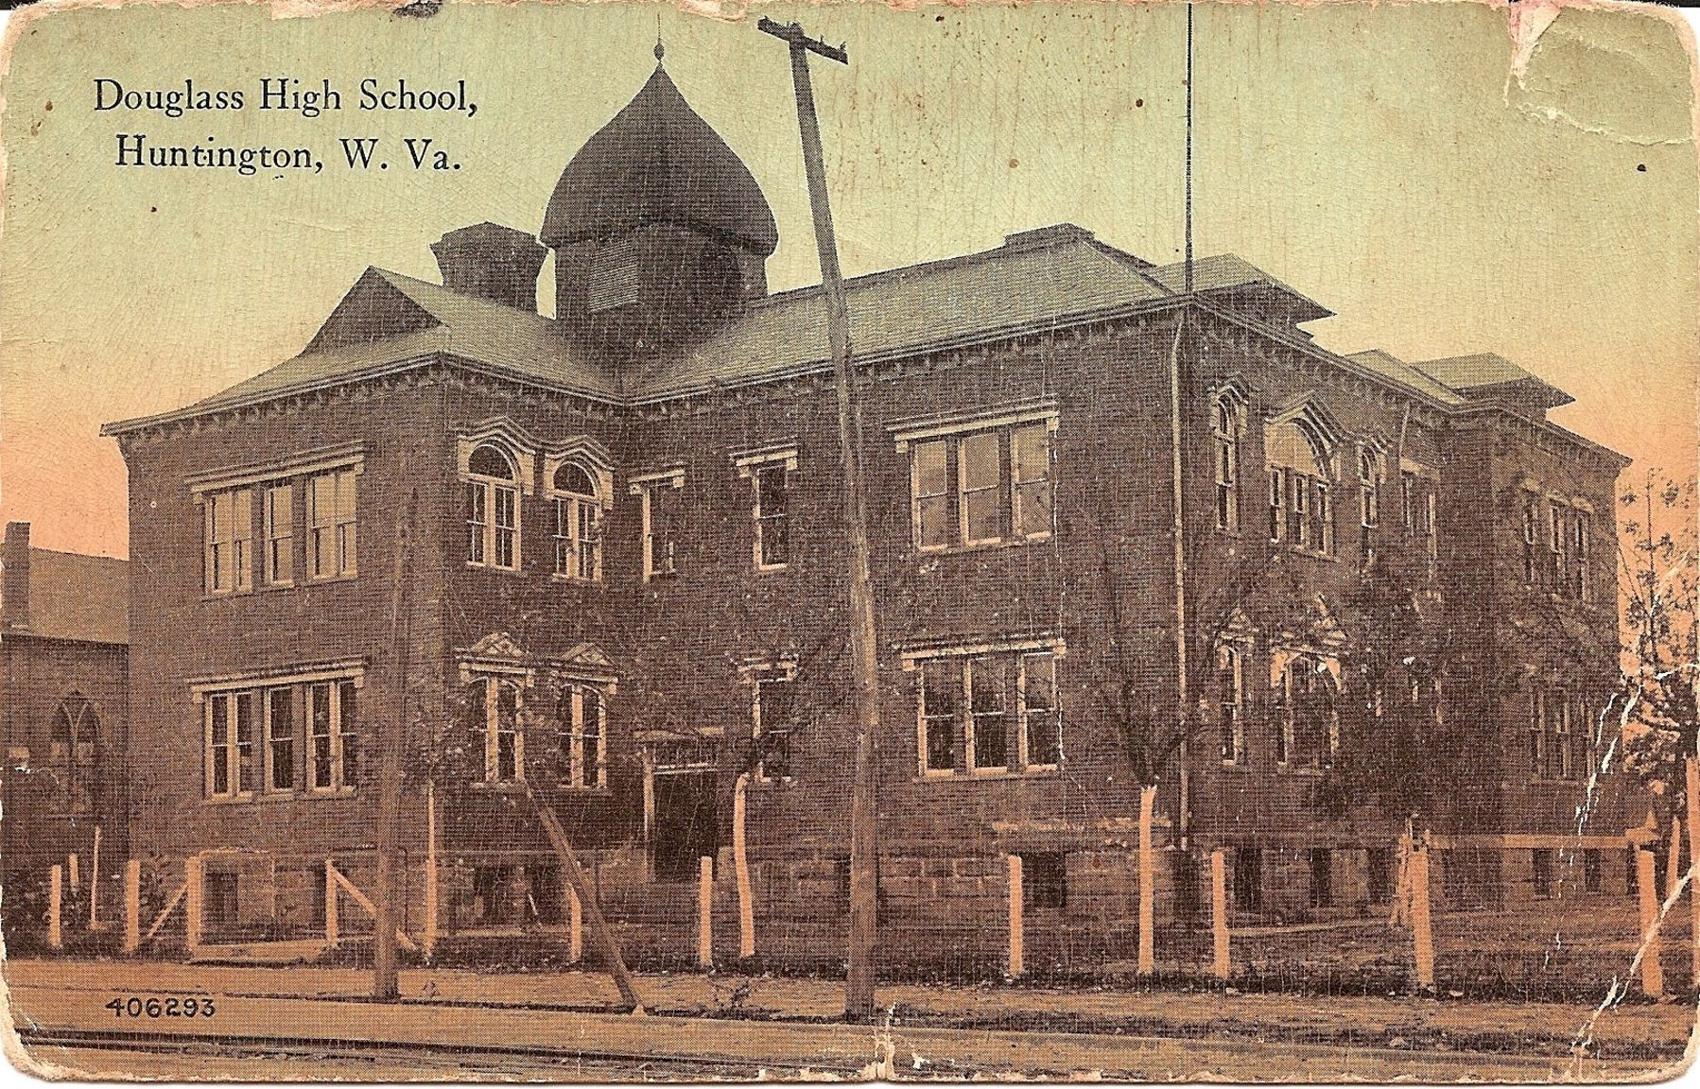 The first Douglass School, renamed Barnett Elementary in 1926